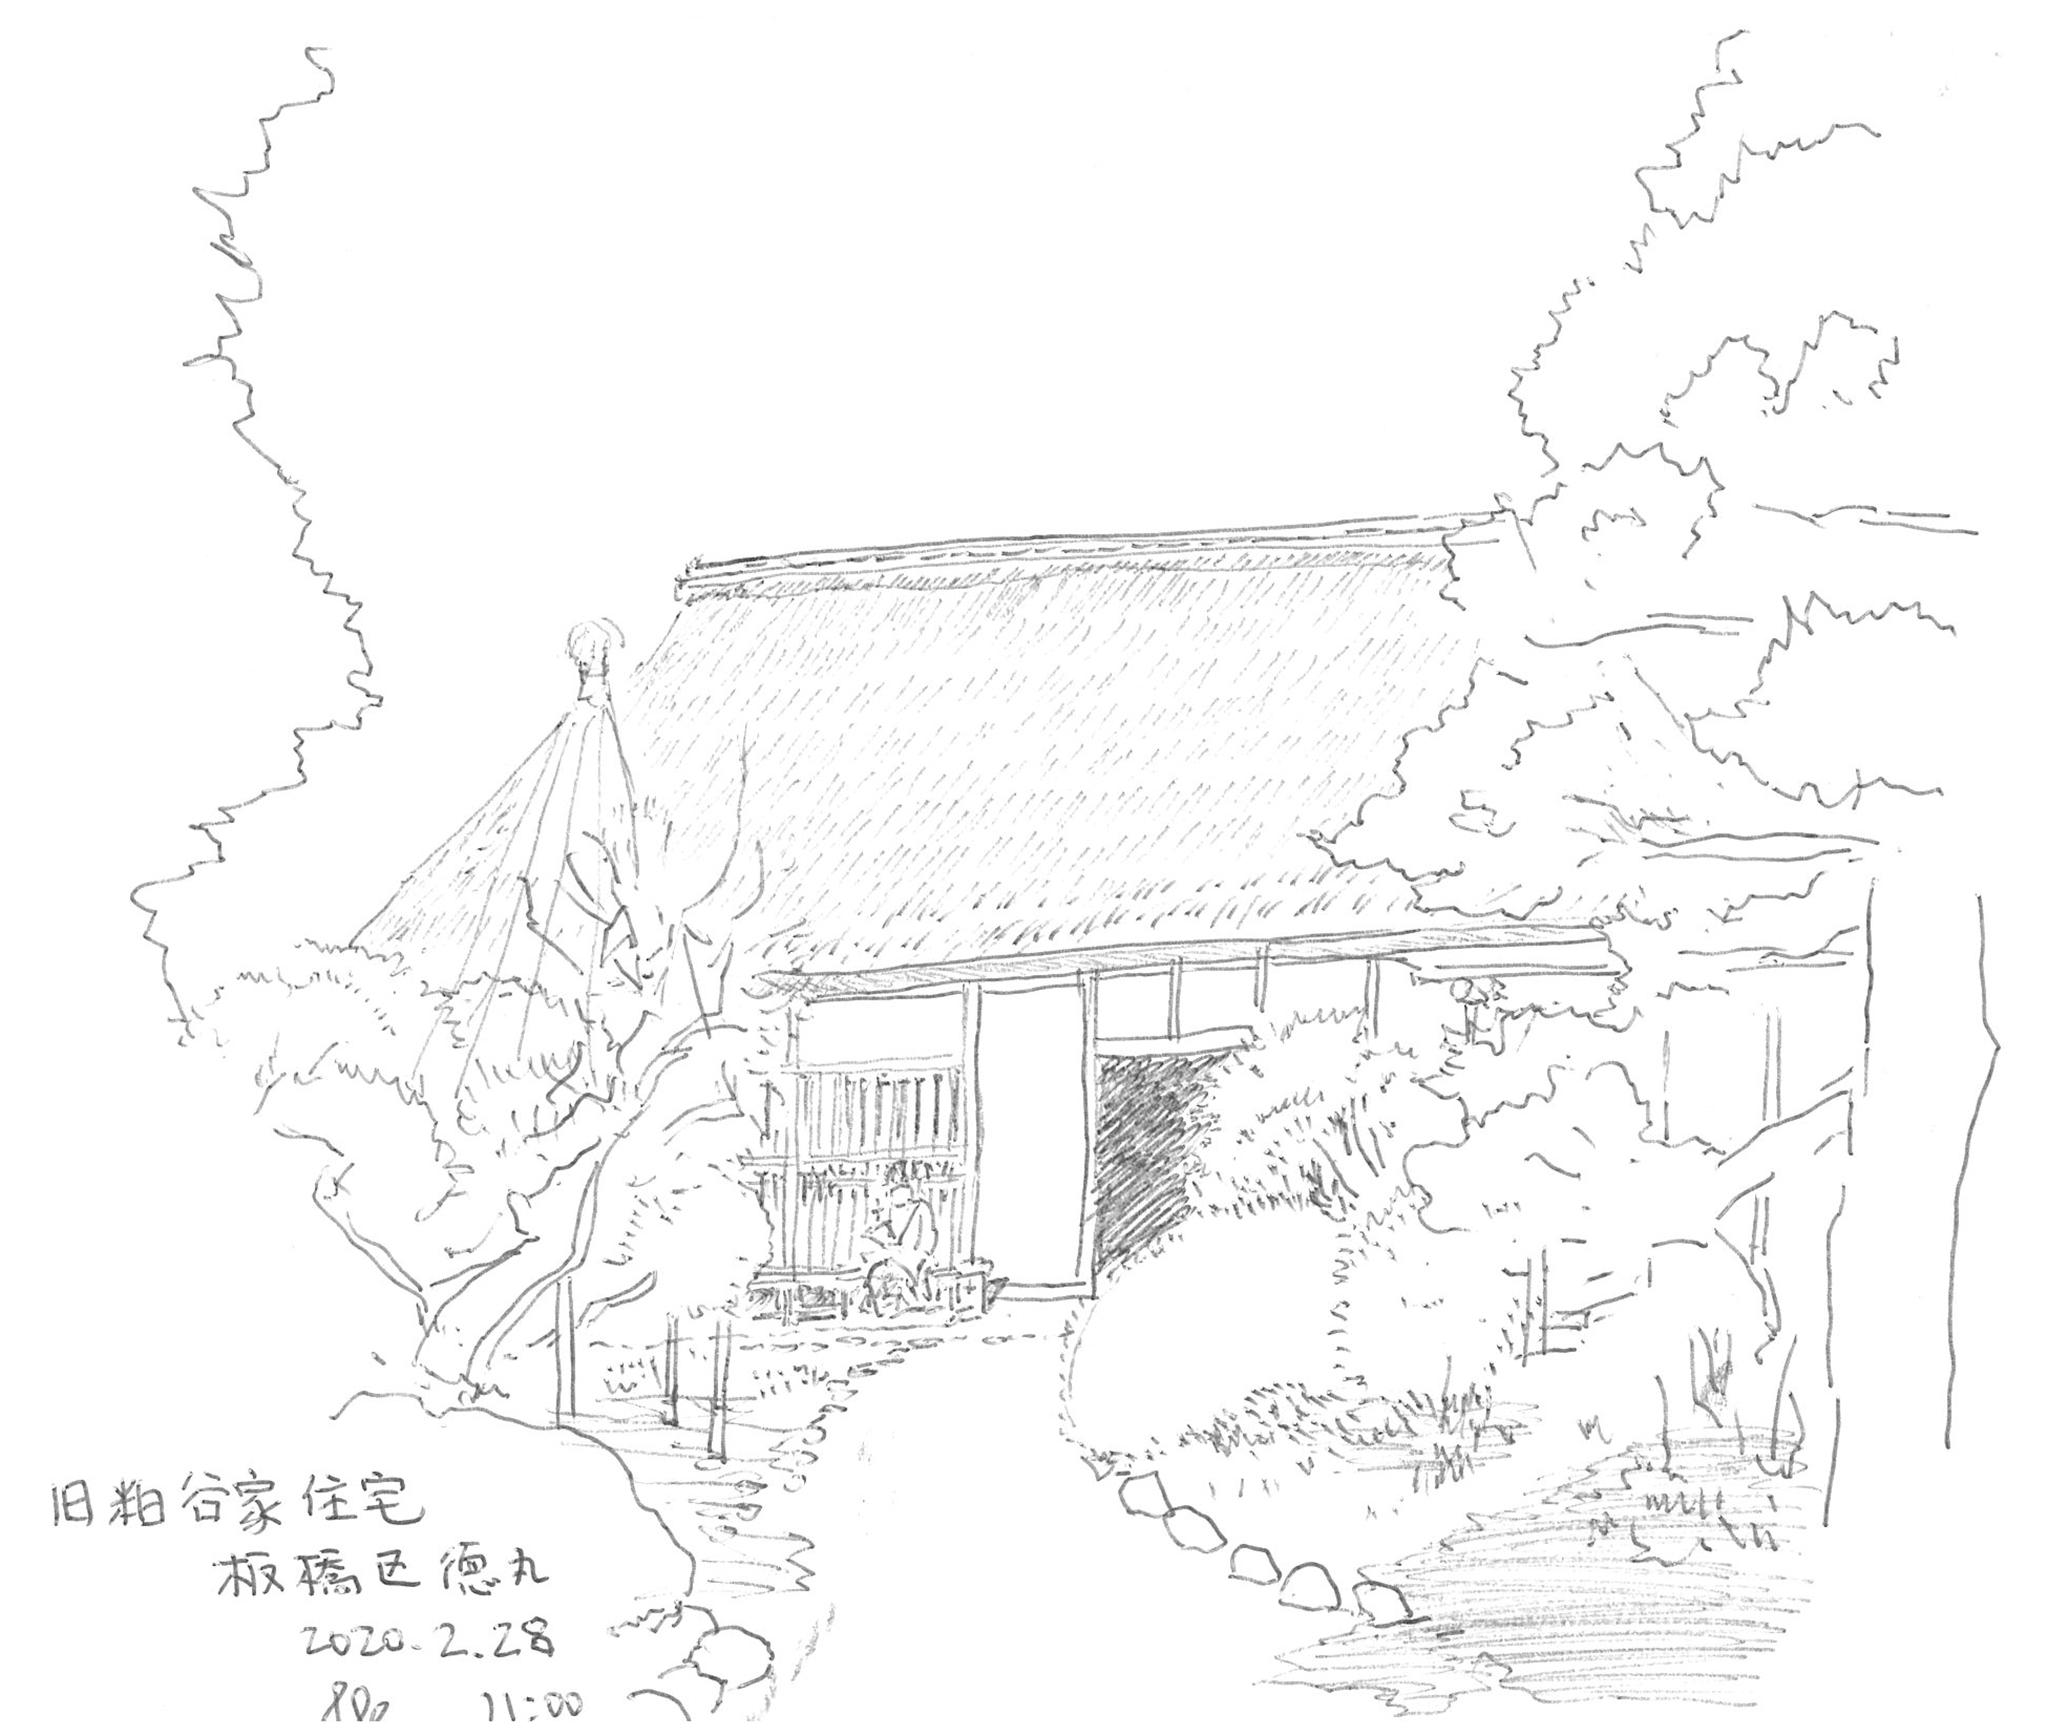 神田順 まちの中の建築スケッチ 旧粕谷家住宅 茅葺古民家